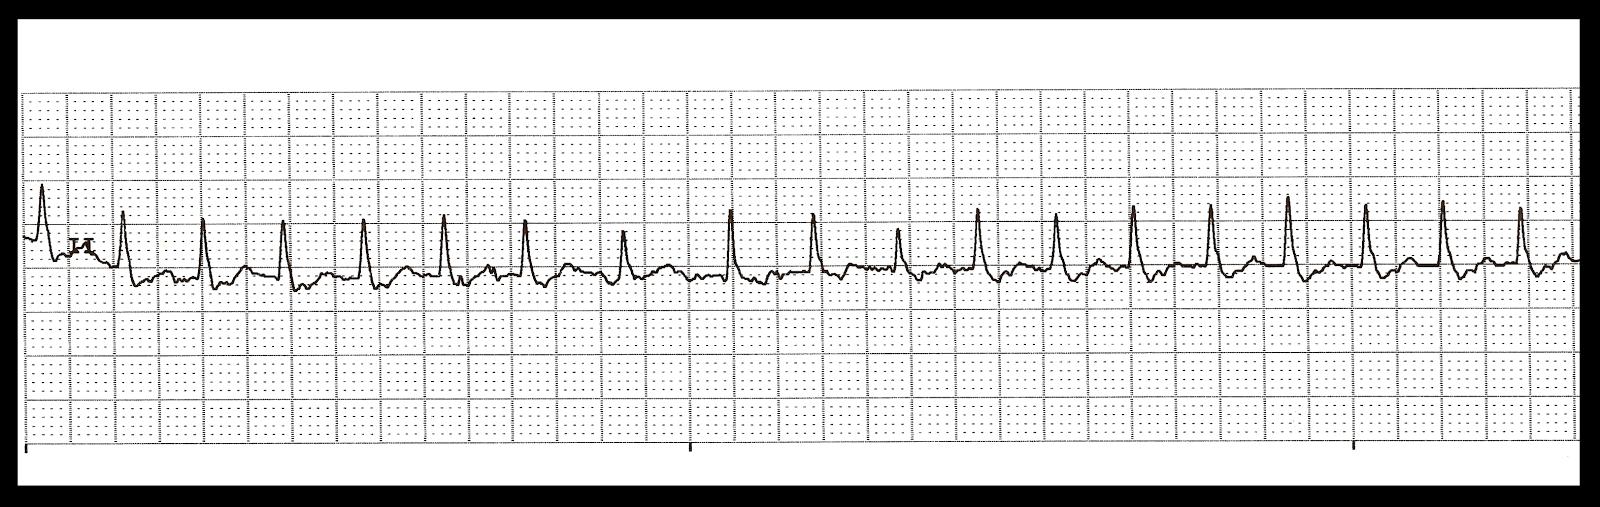 Heart arrhythmia rymthm strip readings